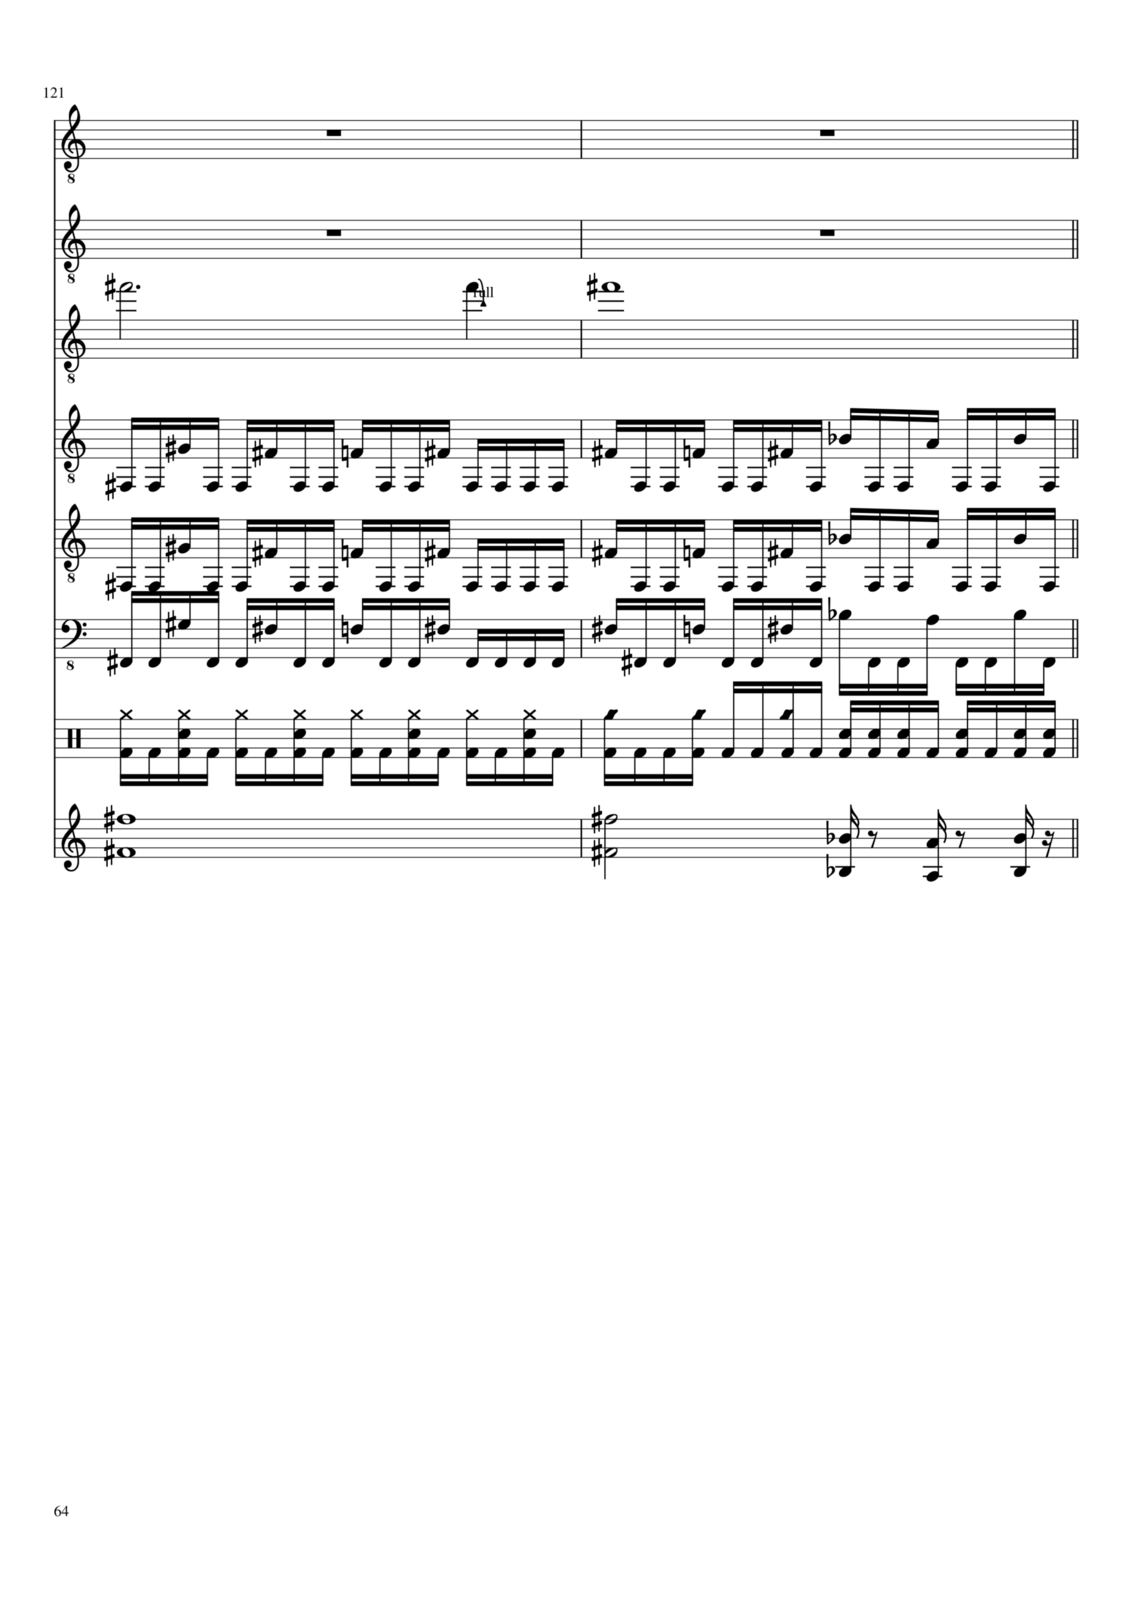 Vyibor Est slide, Image 64